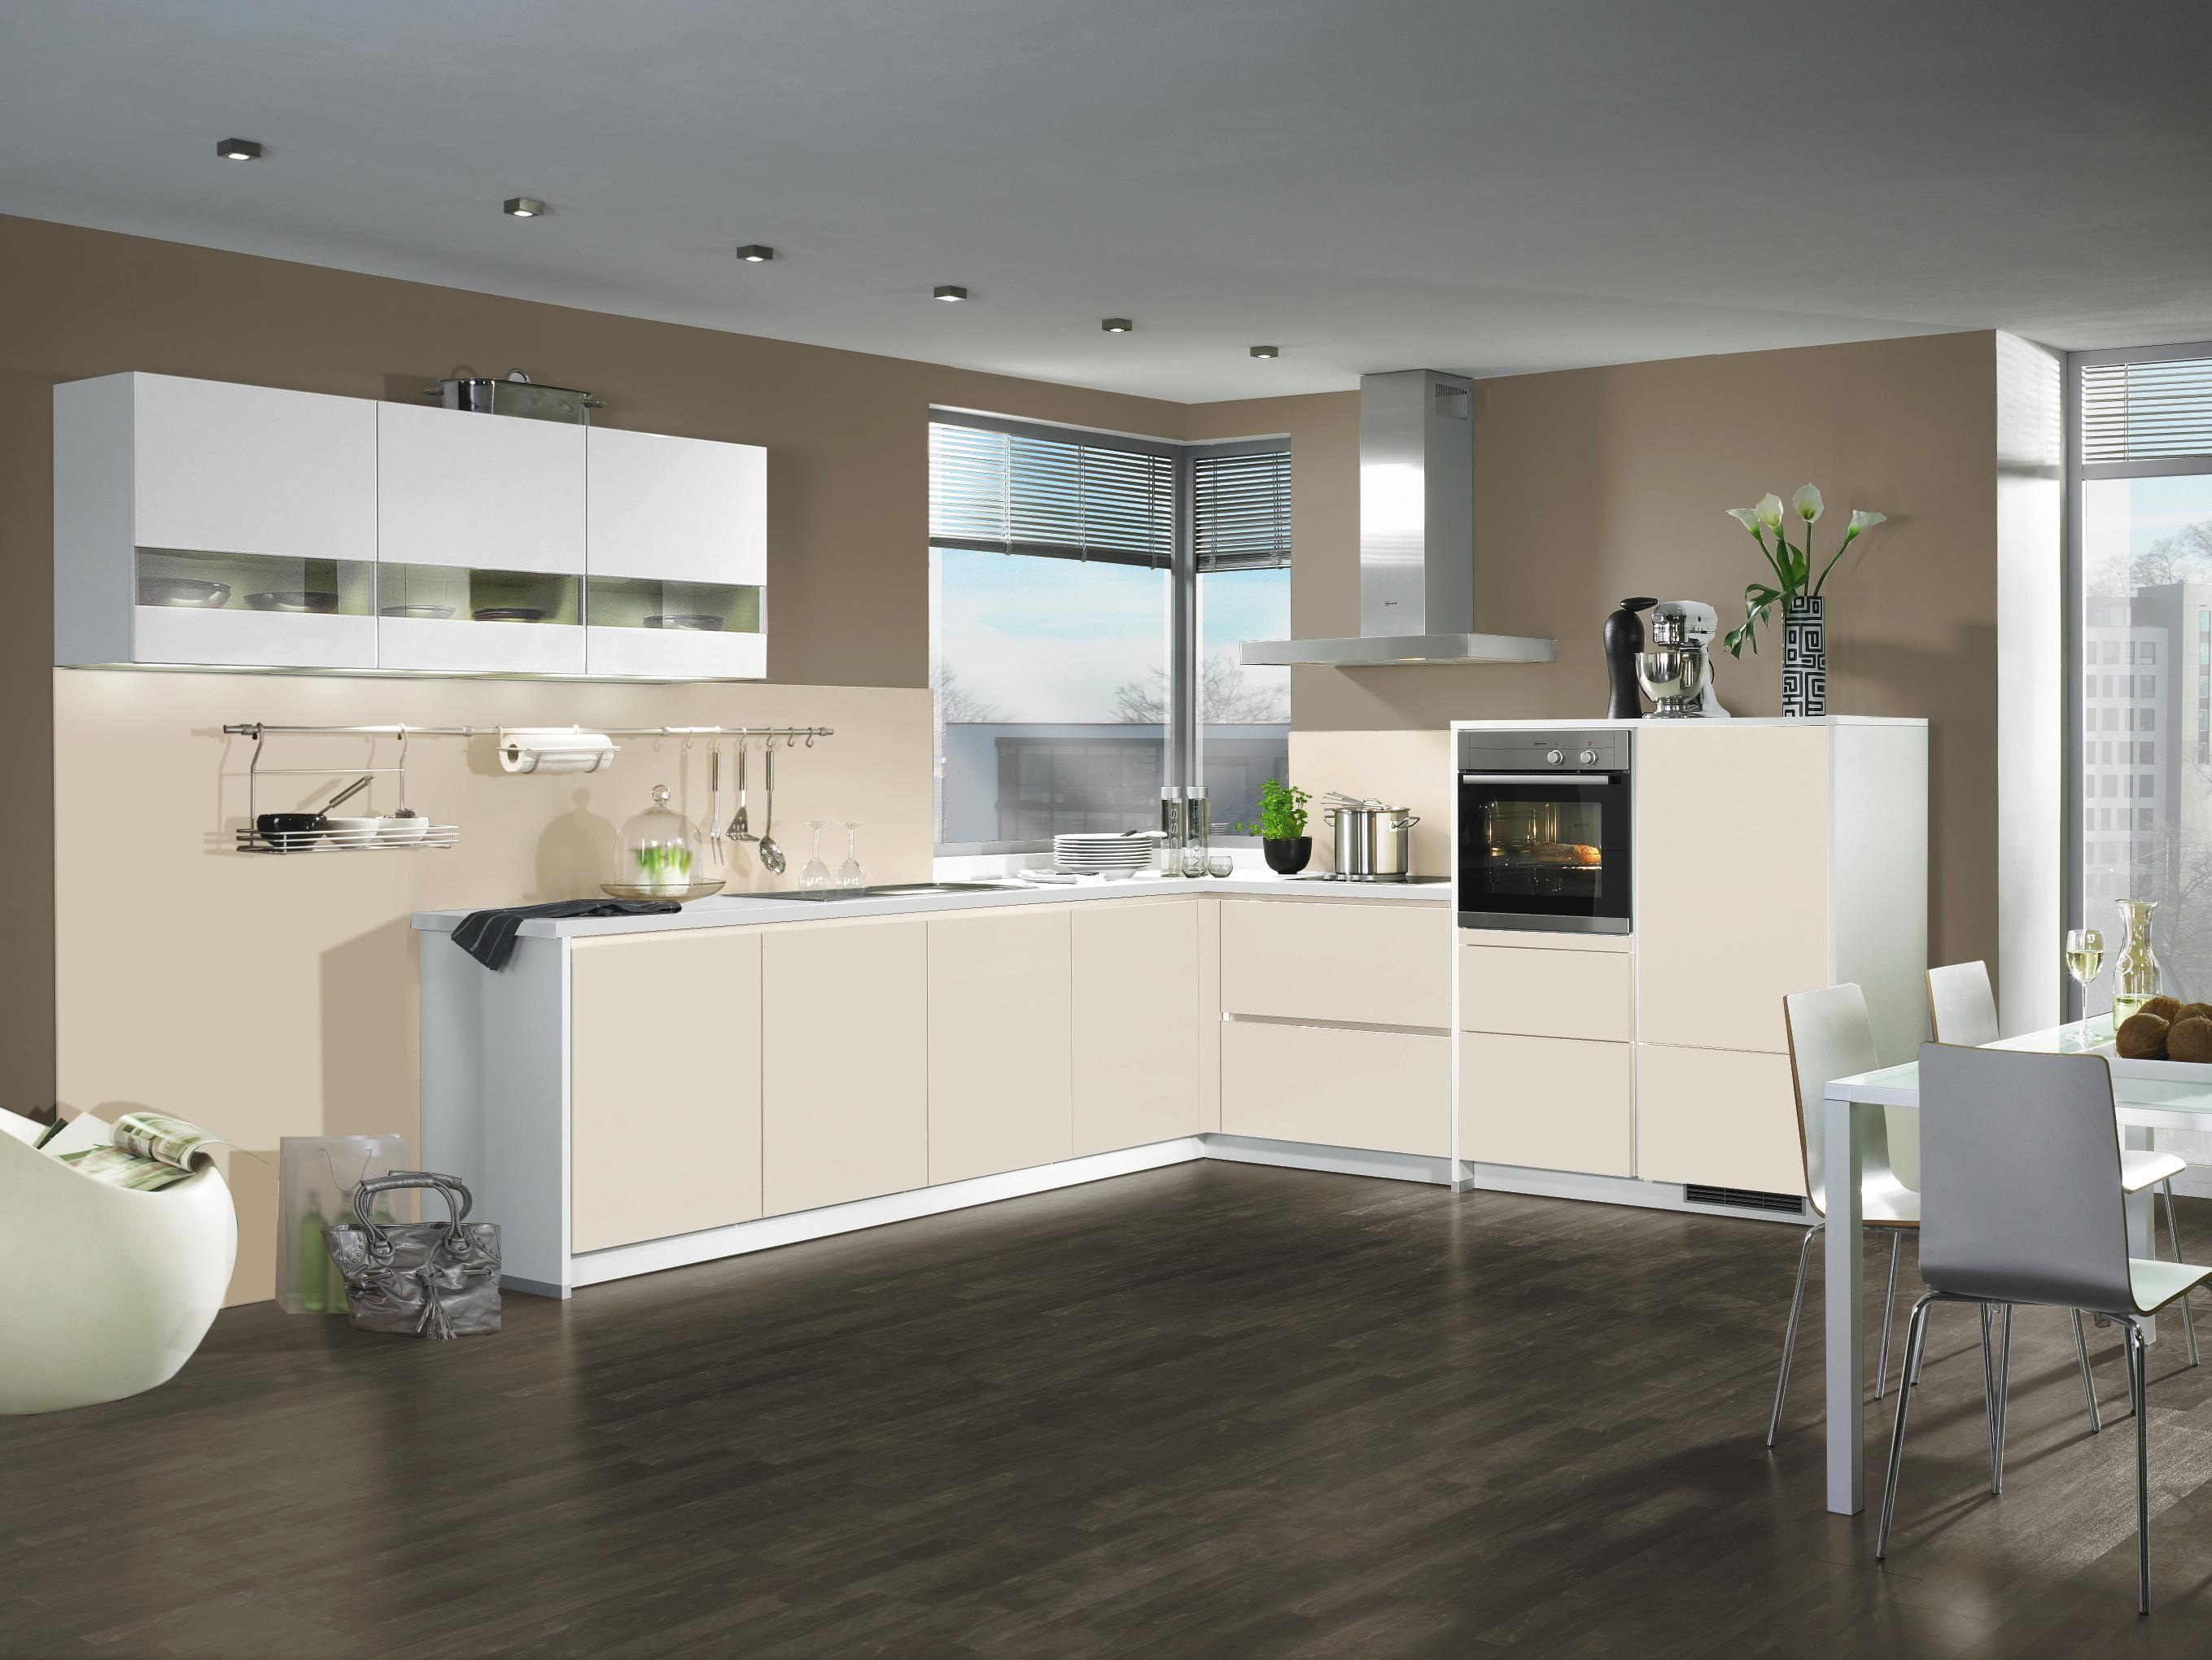 Einbauküche von ALNO Einbauküche, Küche, Küche esszimmer